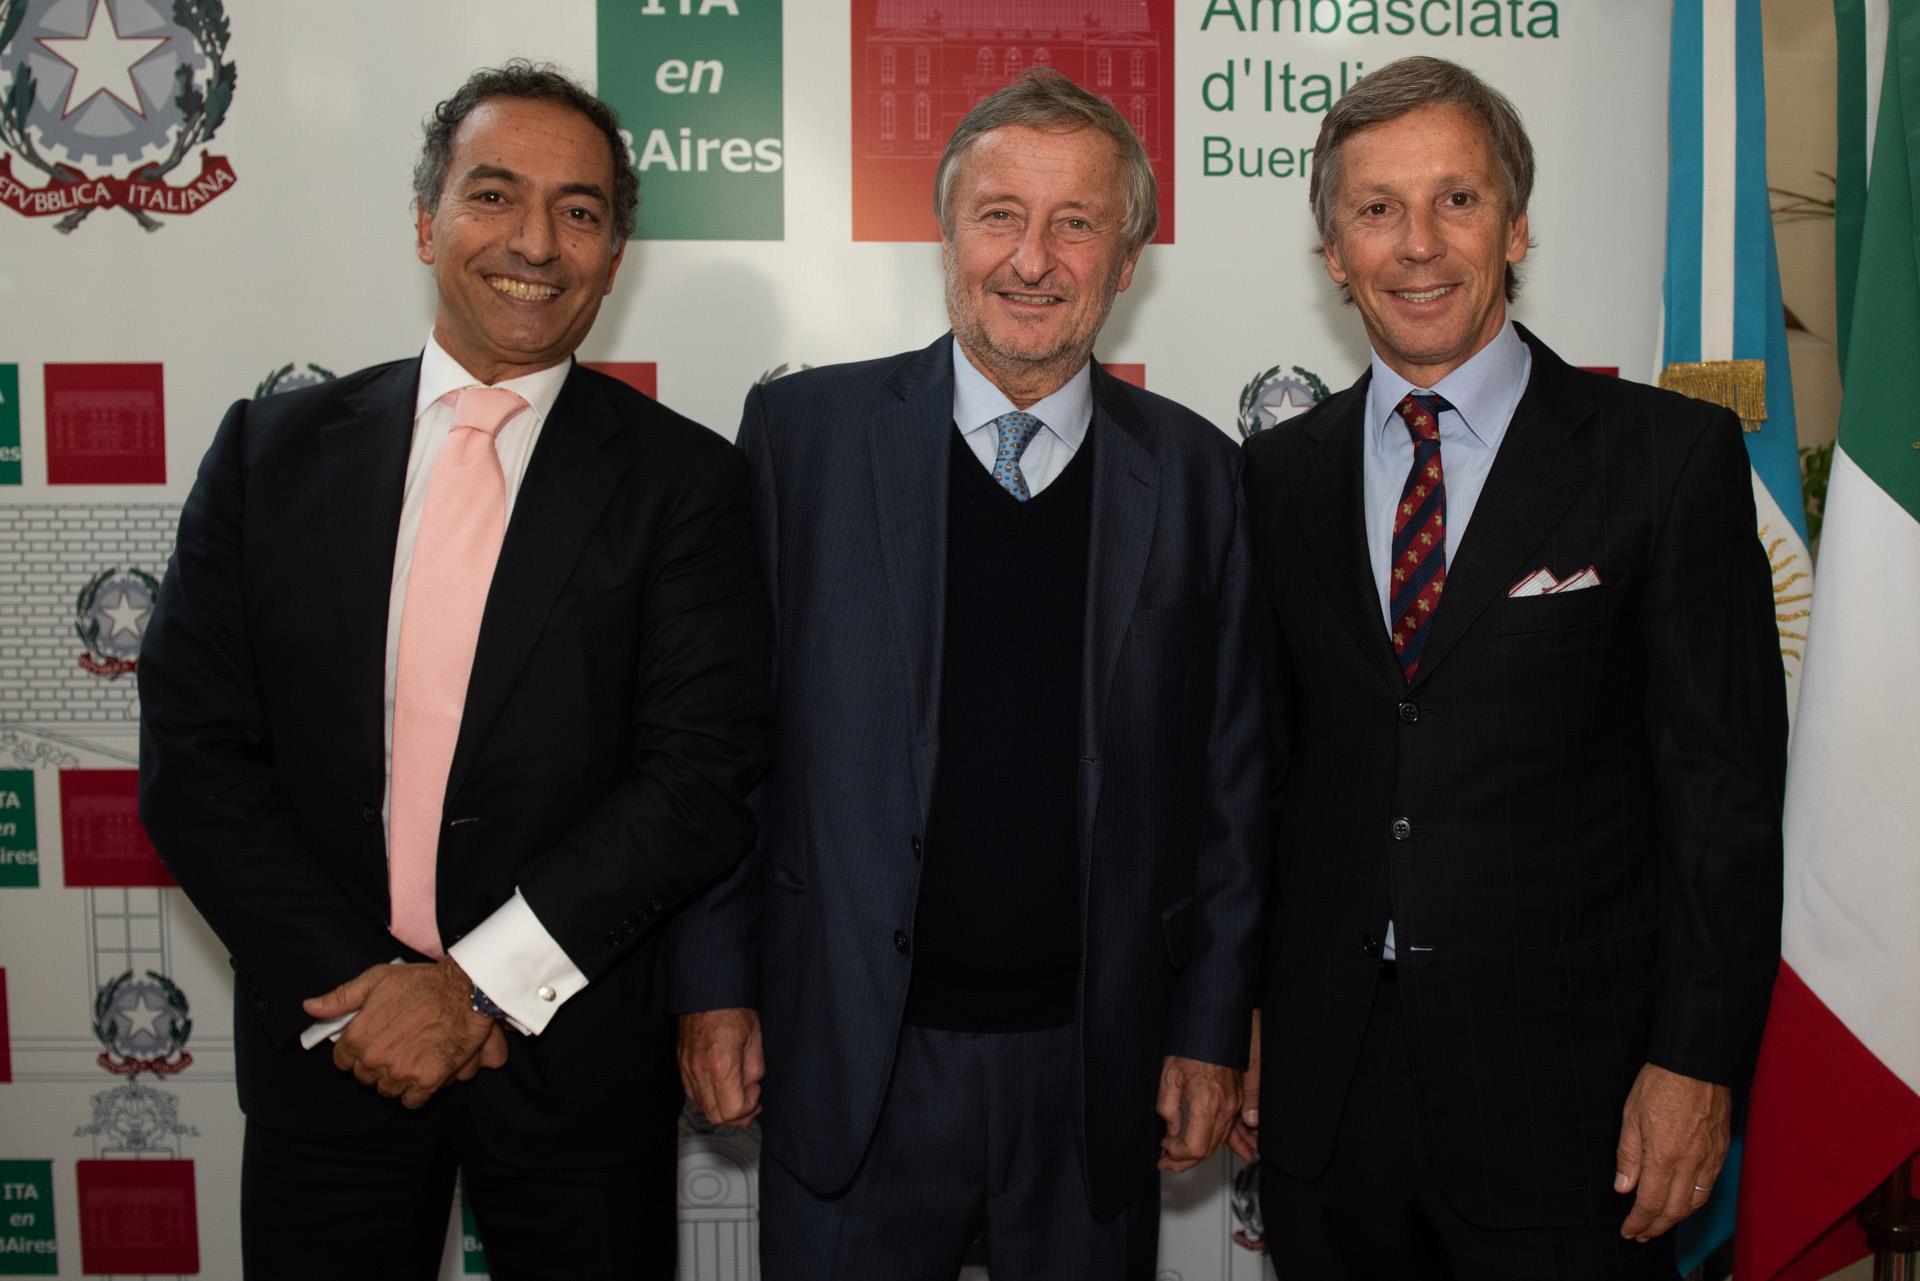 El embajador de Portugal en la Argentina, Joao Ribeiro de Almeida, junto a los empresarios Cristiano Rattazzi y Alejandro Gravier